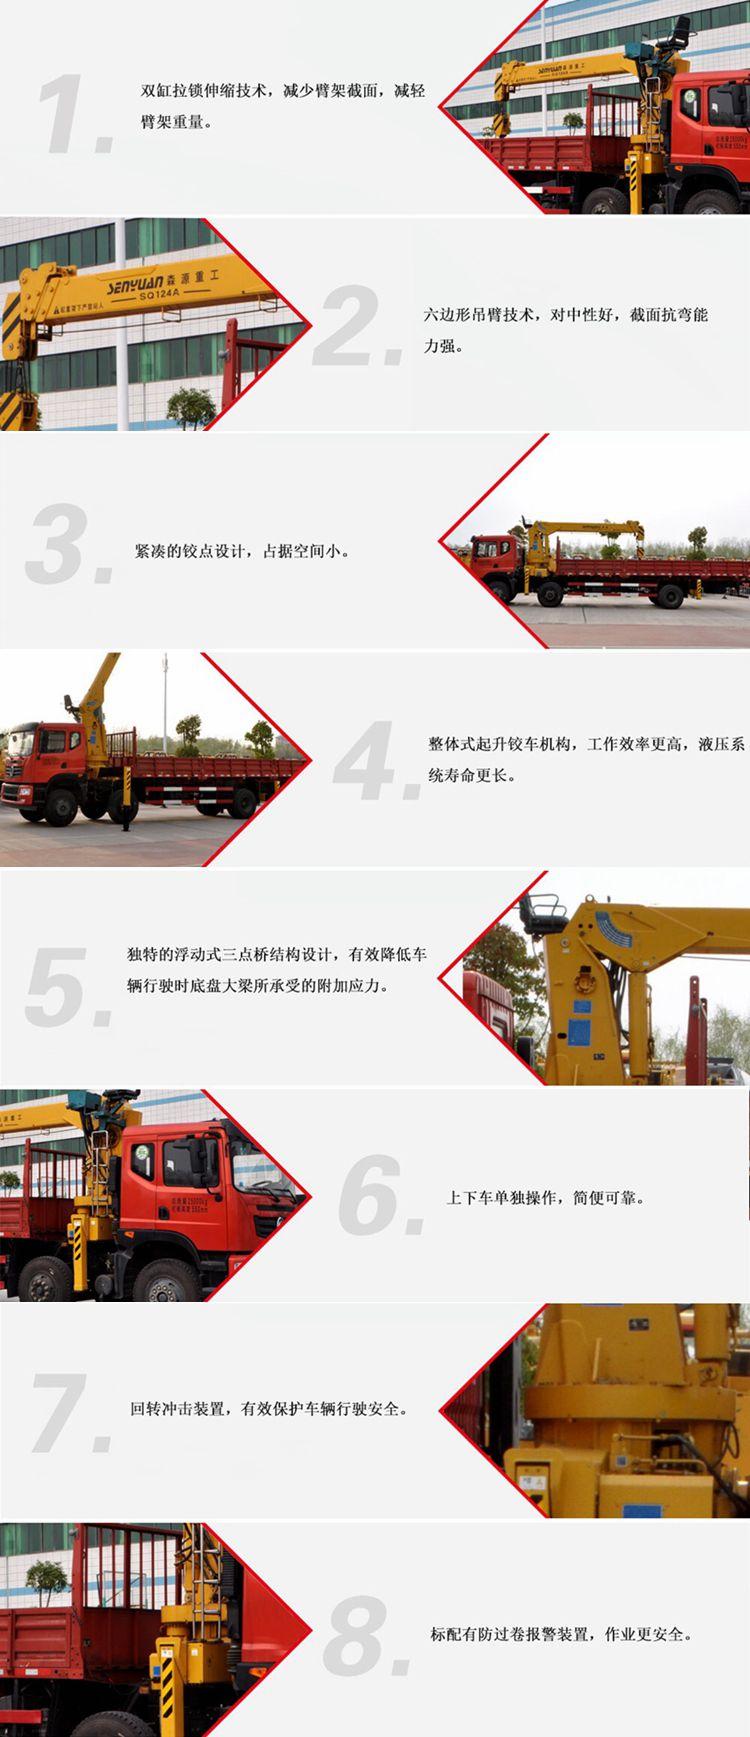 徐工16吨随车吊带爬梯厂家直销可分期145725275